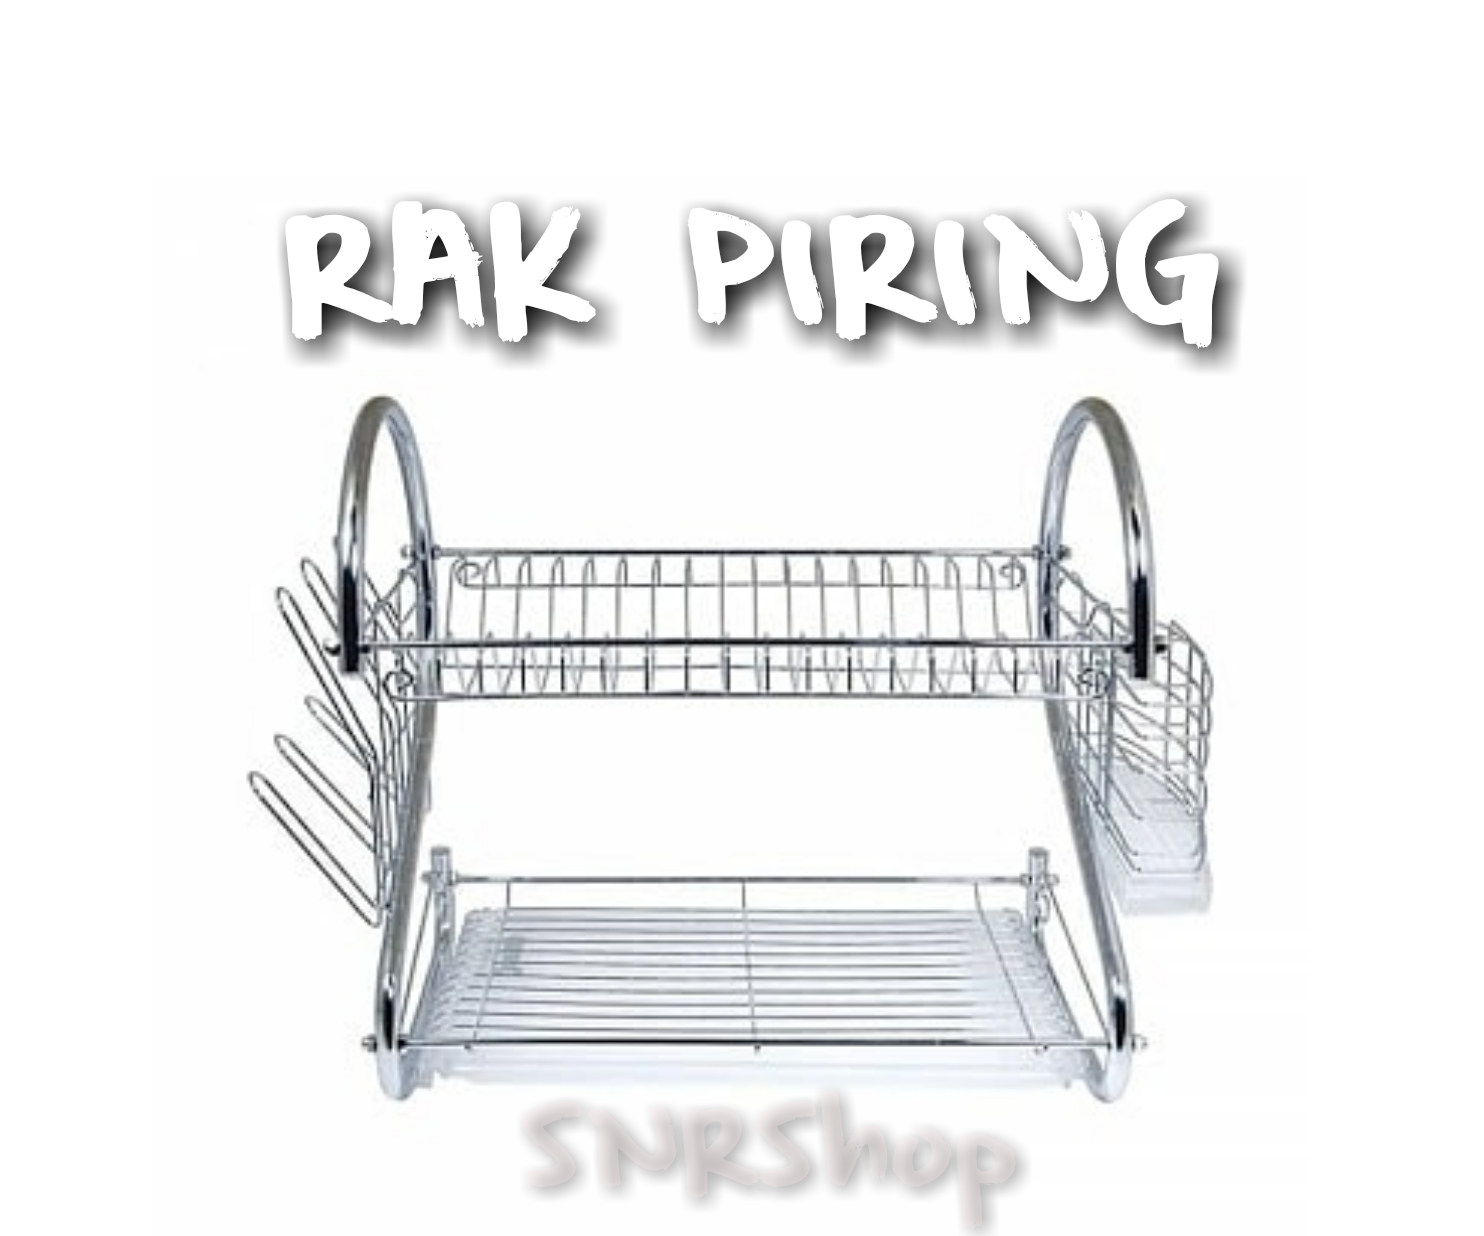 RAK PIRING Stainless Steel